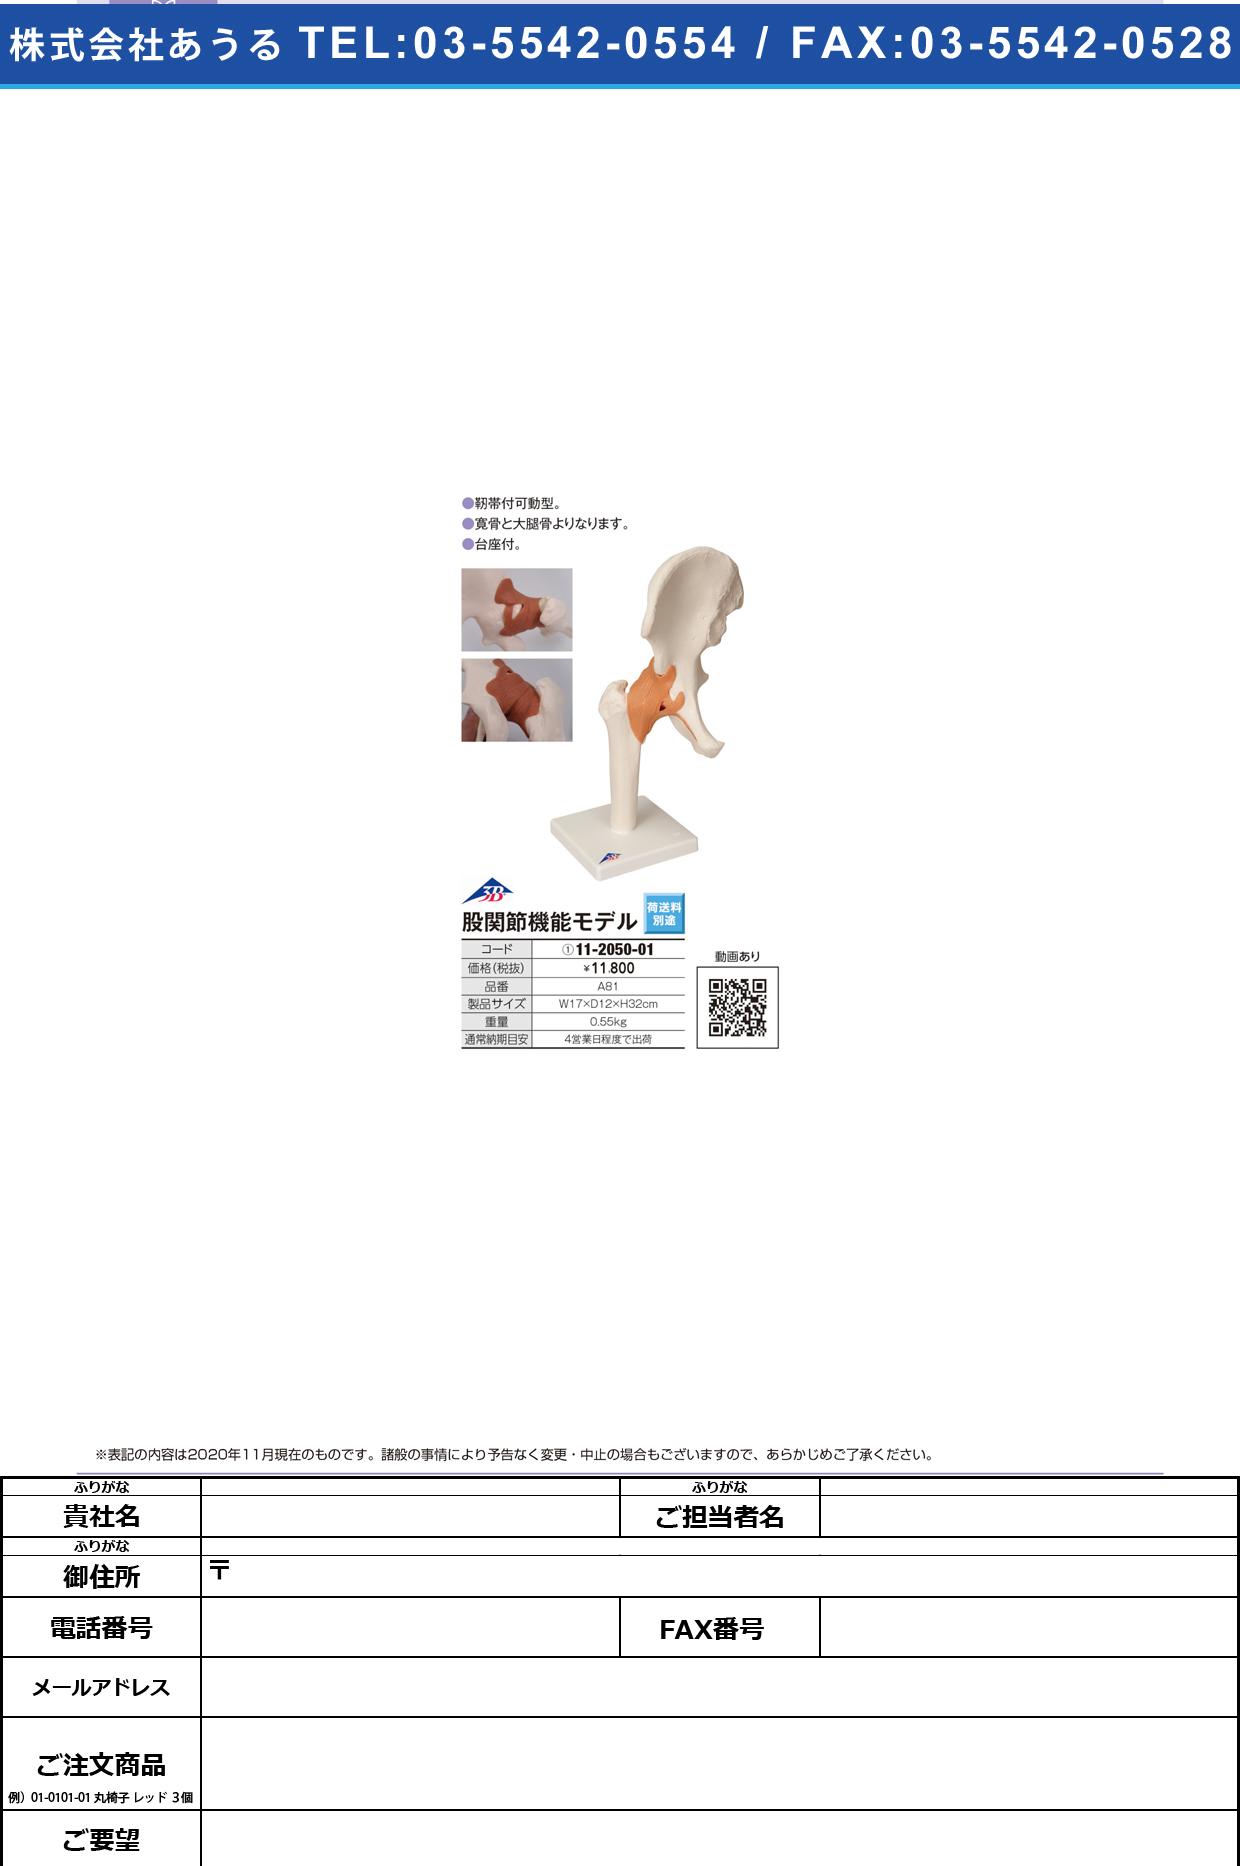 股関節モデル(台付) A81(17X12X33CM)A81(17X12X33CM)(11-2050-01)【日本3Bサイエンティフィック】(販売単位:1)